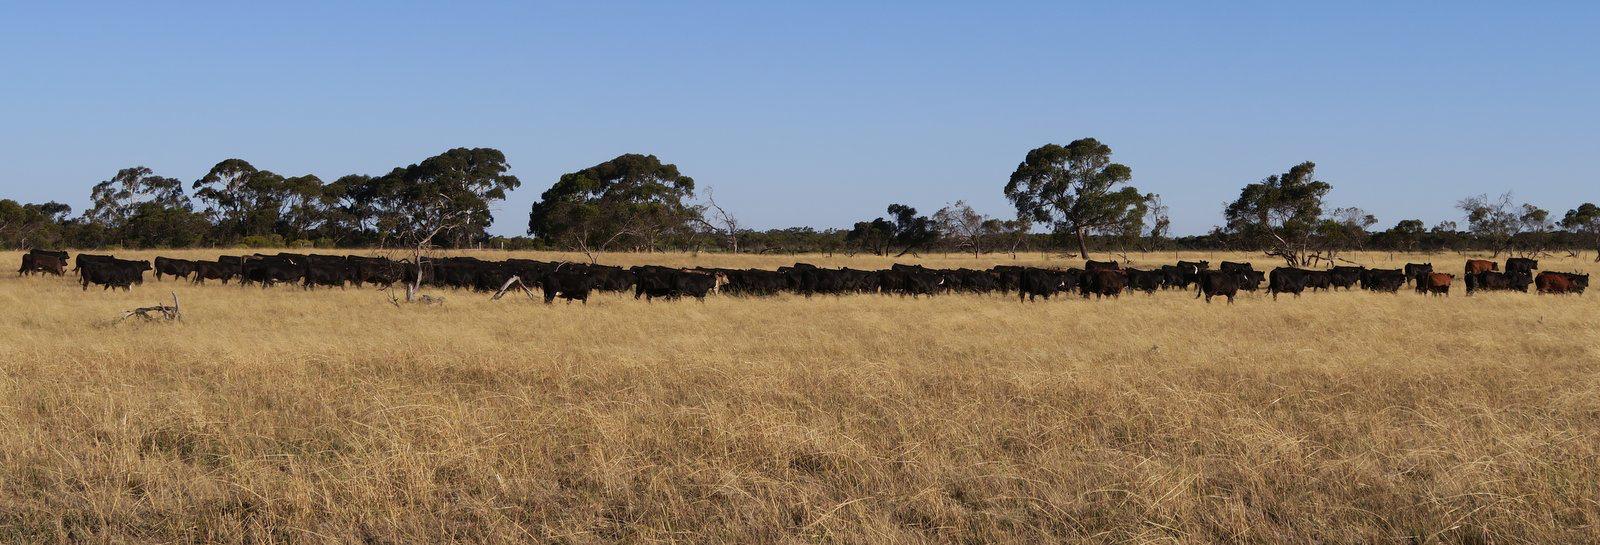 192 Spring Herd Heifers